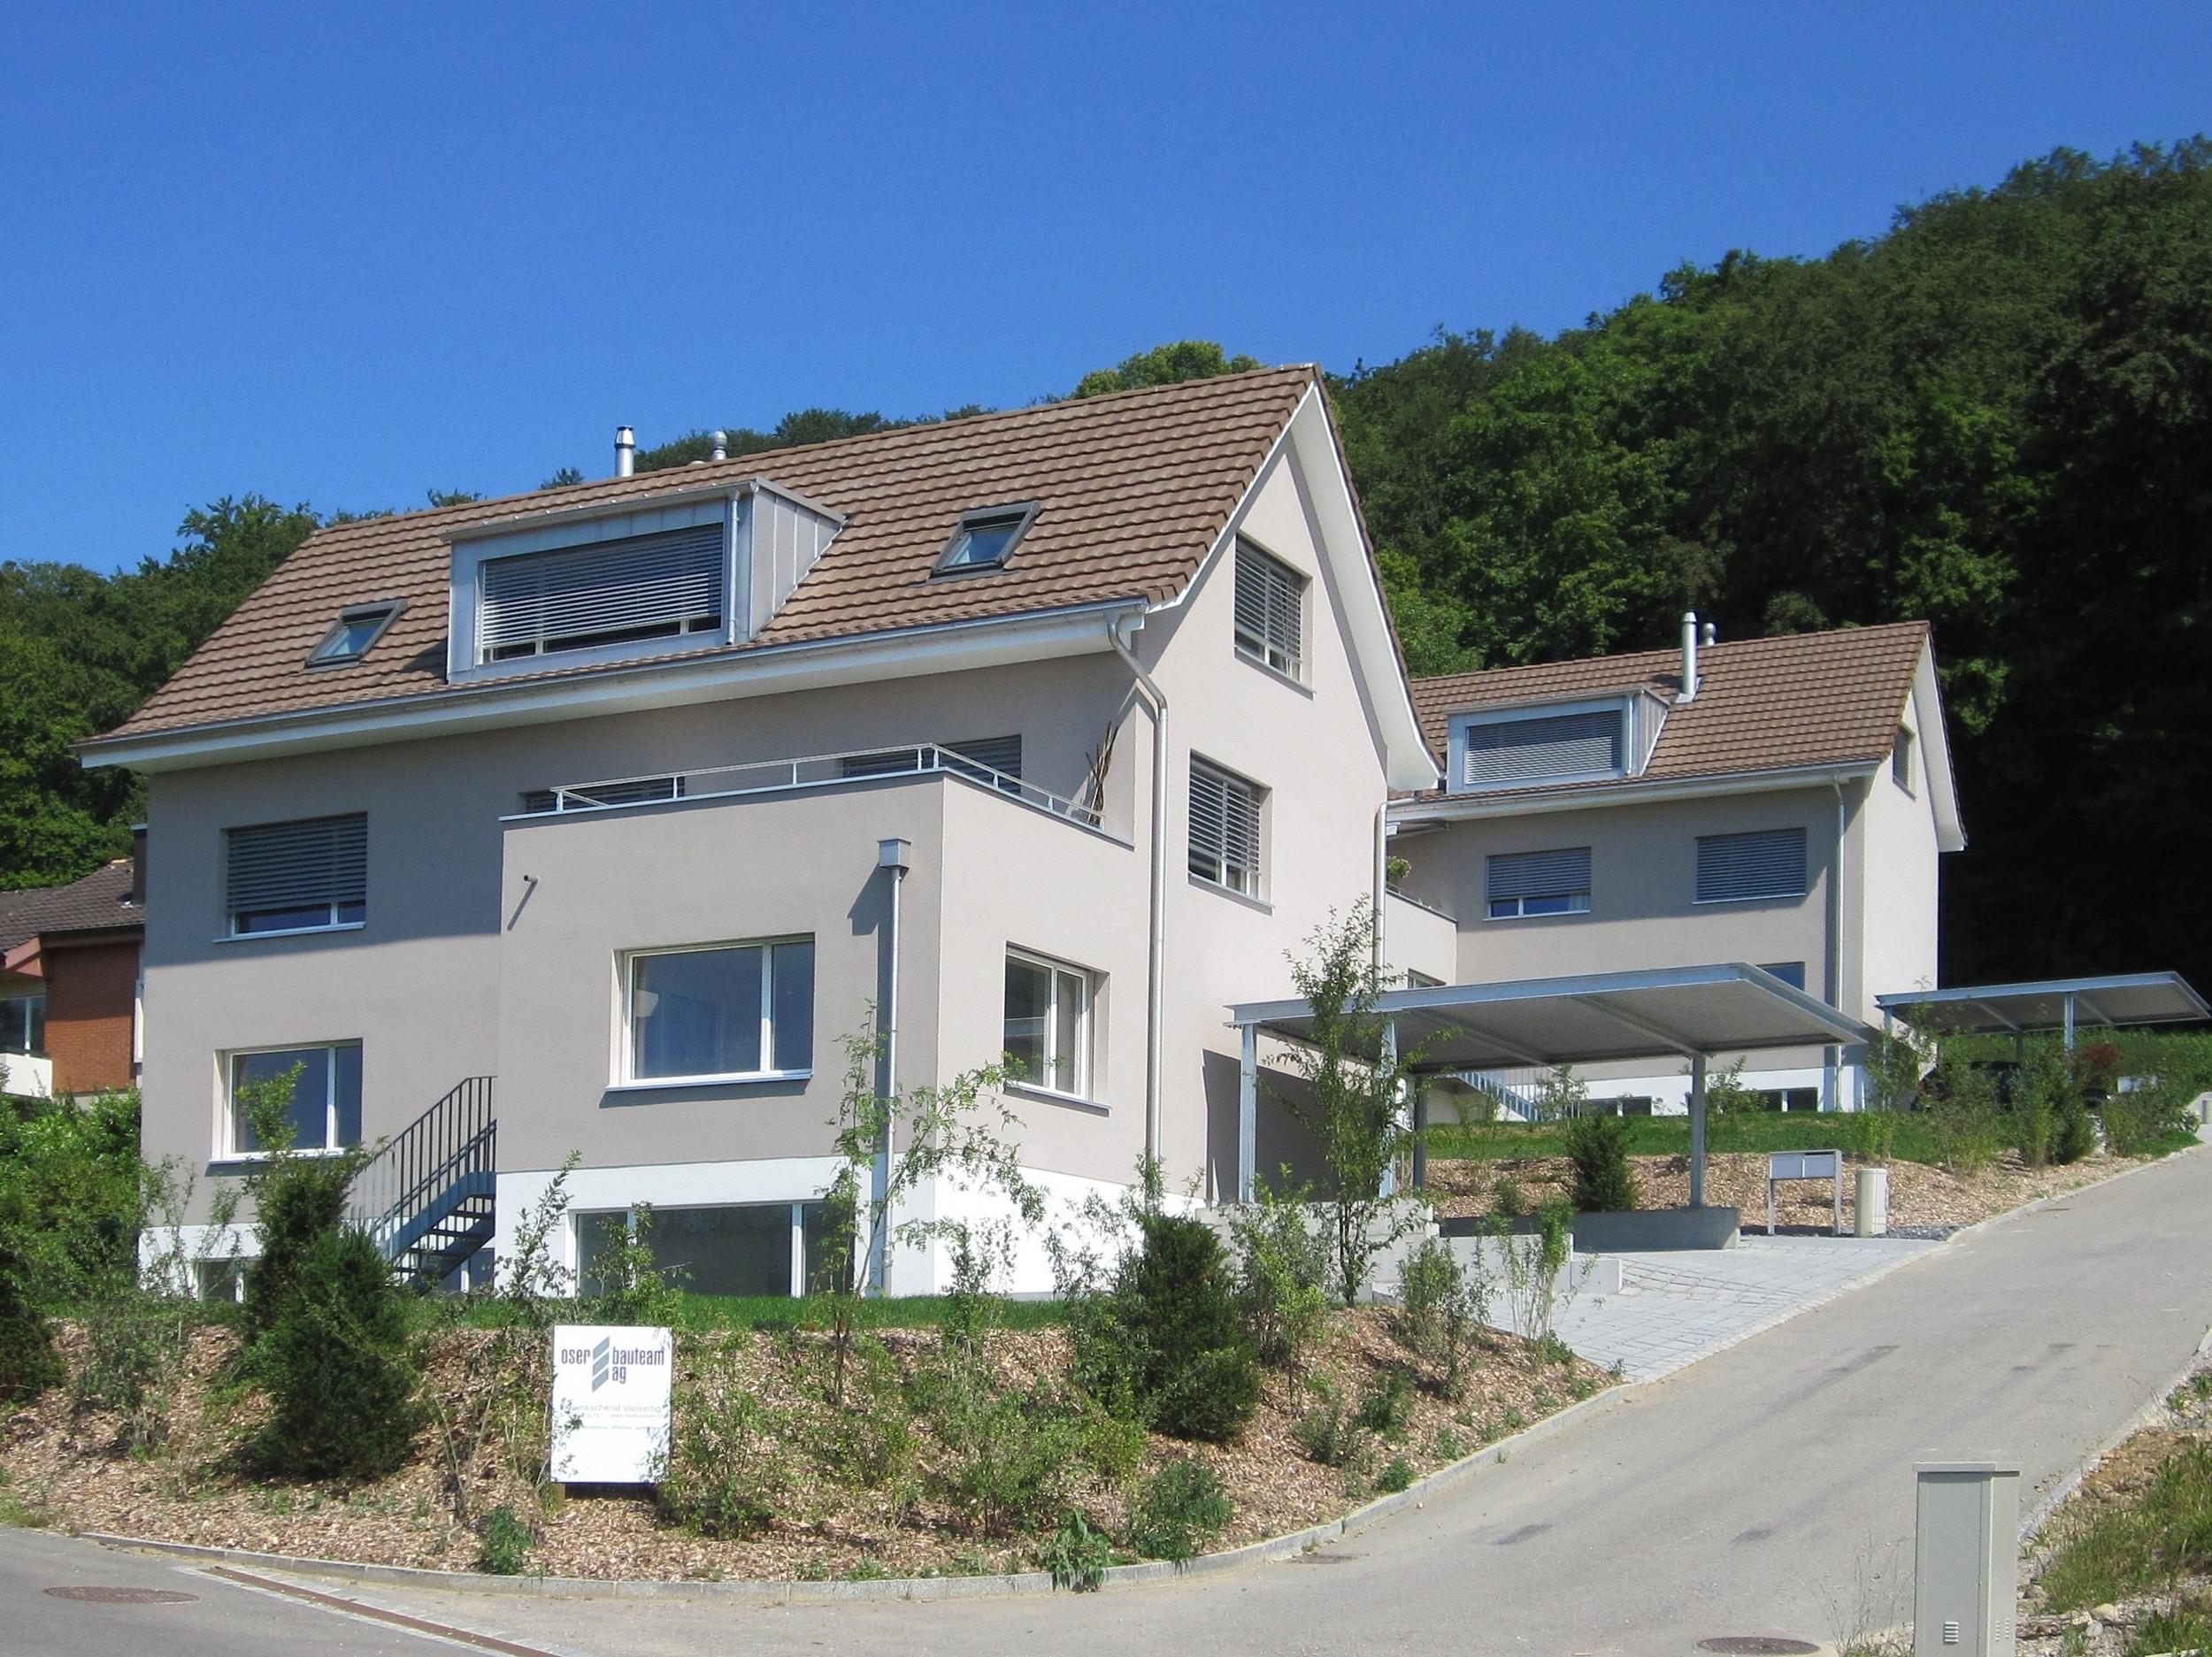 2 Doppeleinfamilienhäuser mit Aussenwänden in Stahl-Leichtbauweise